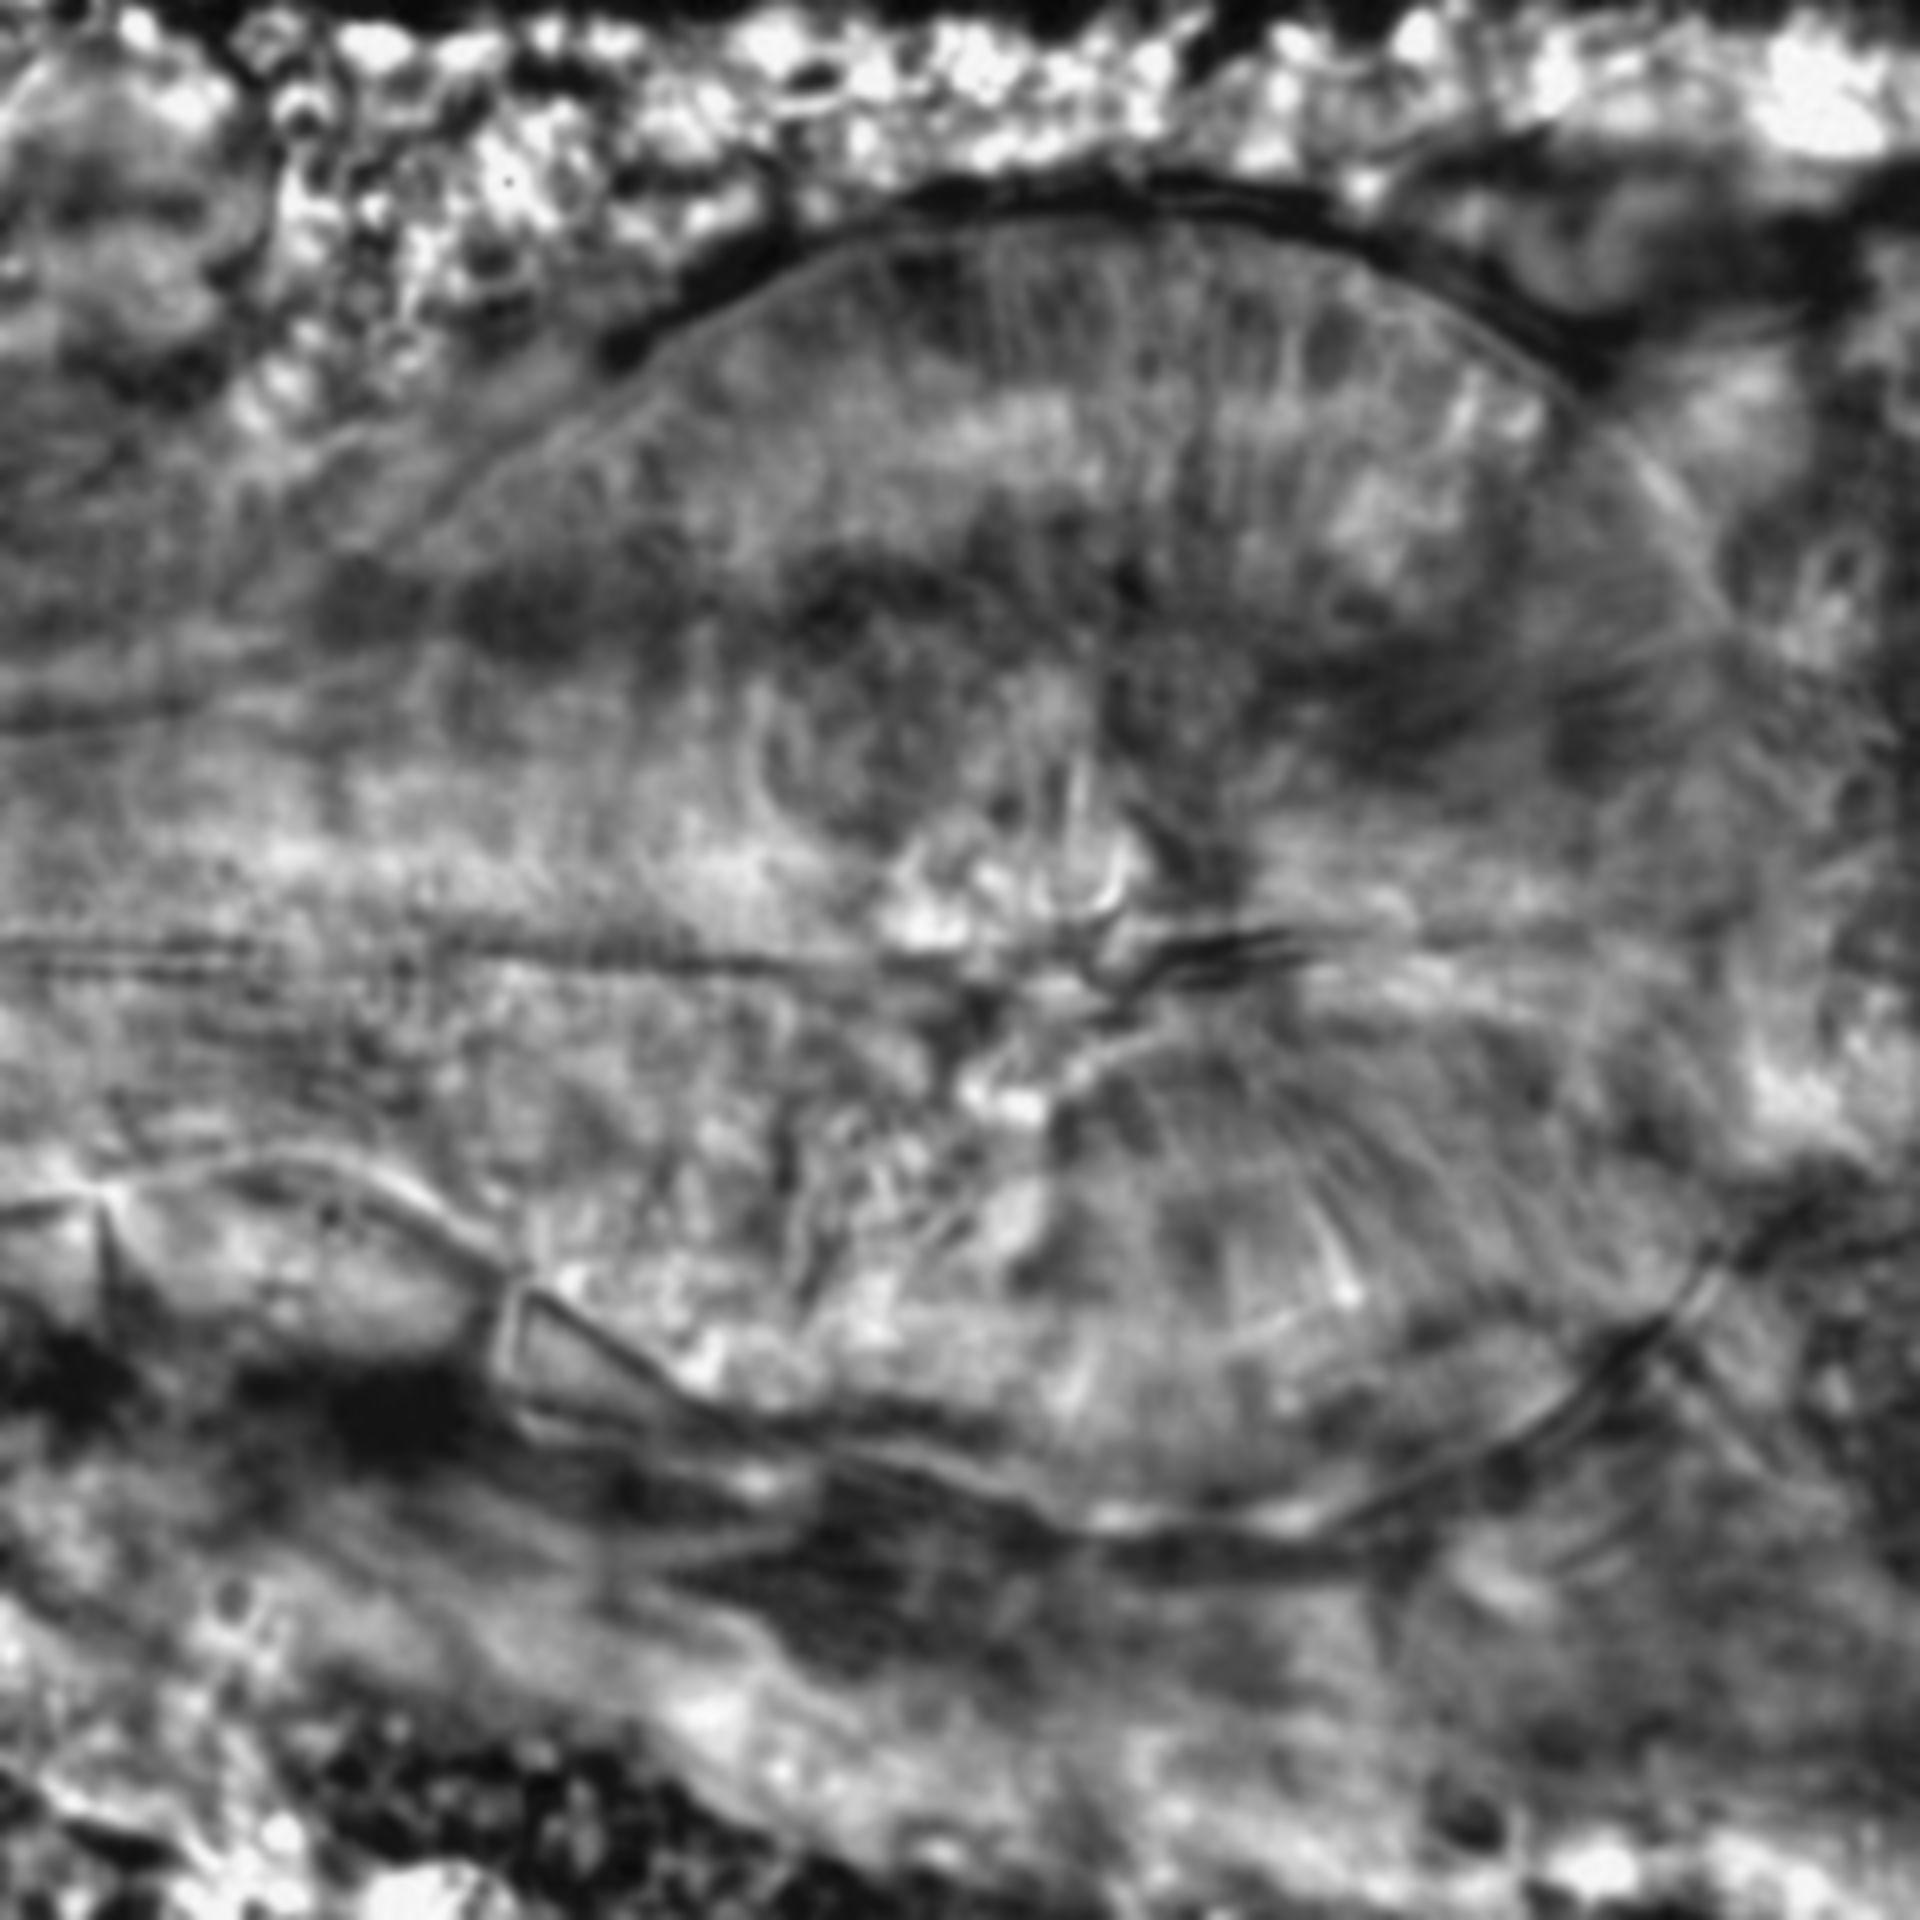 Caenorhabditis elegans - CIL:1993